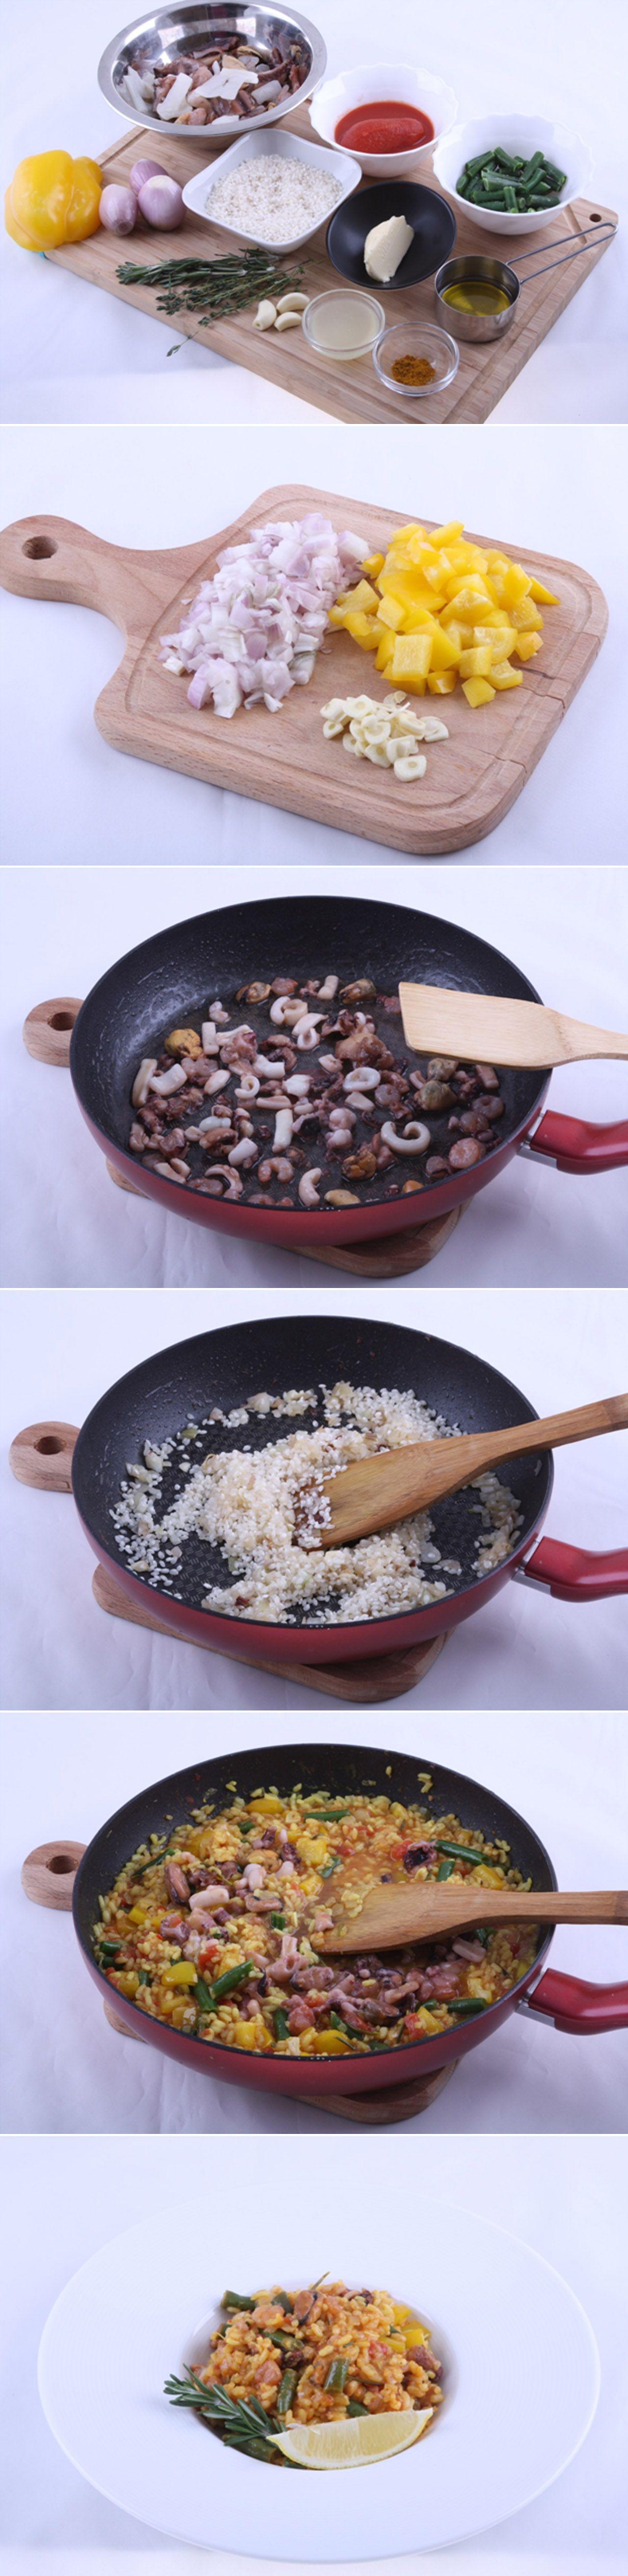 Паэлья с морепродуктами. Мы в DinnerDay уверены, что вам понравится этот адаптированный вариант, который хорош своей универсальностью. Если вам рецепт блюда кажется сложным, то спешим заверить, на самом деле это не так! Обязательно попробуйте приготовить! Рецепт...http://vk.com/dinnerday; http://instagram.com/dinnerday #паэлья #кулинария #рис #морепродукты #еда #овощи #рецепт #dinnerday #food #cook #recipe #paella #cookery #rice #vegetables #sea_food